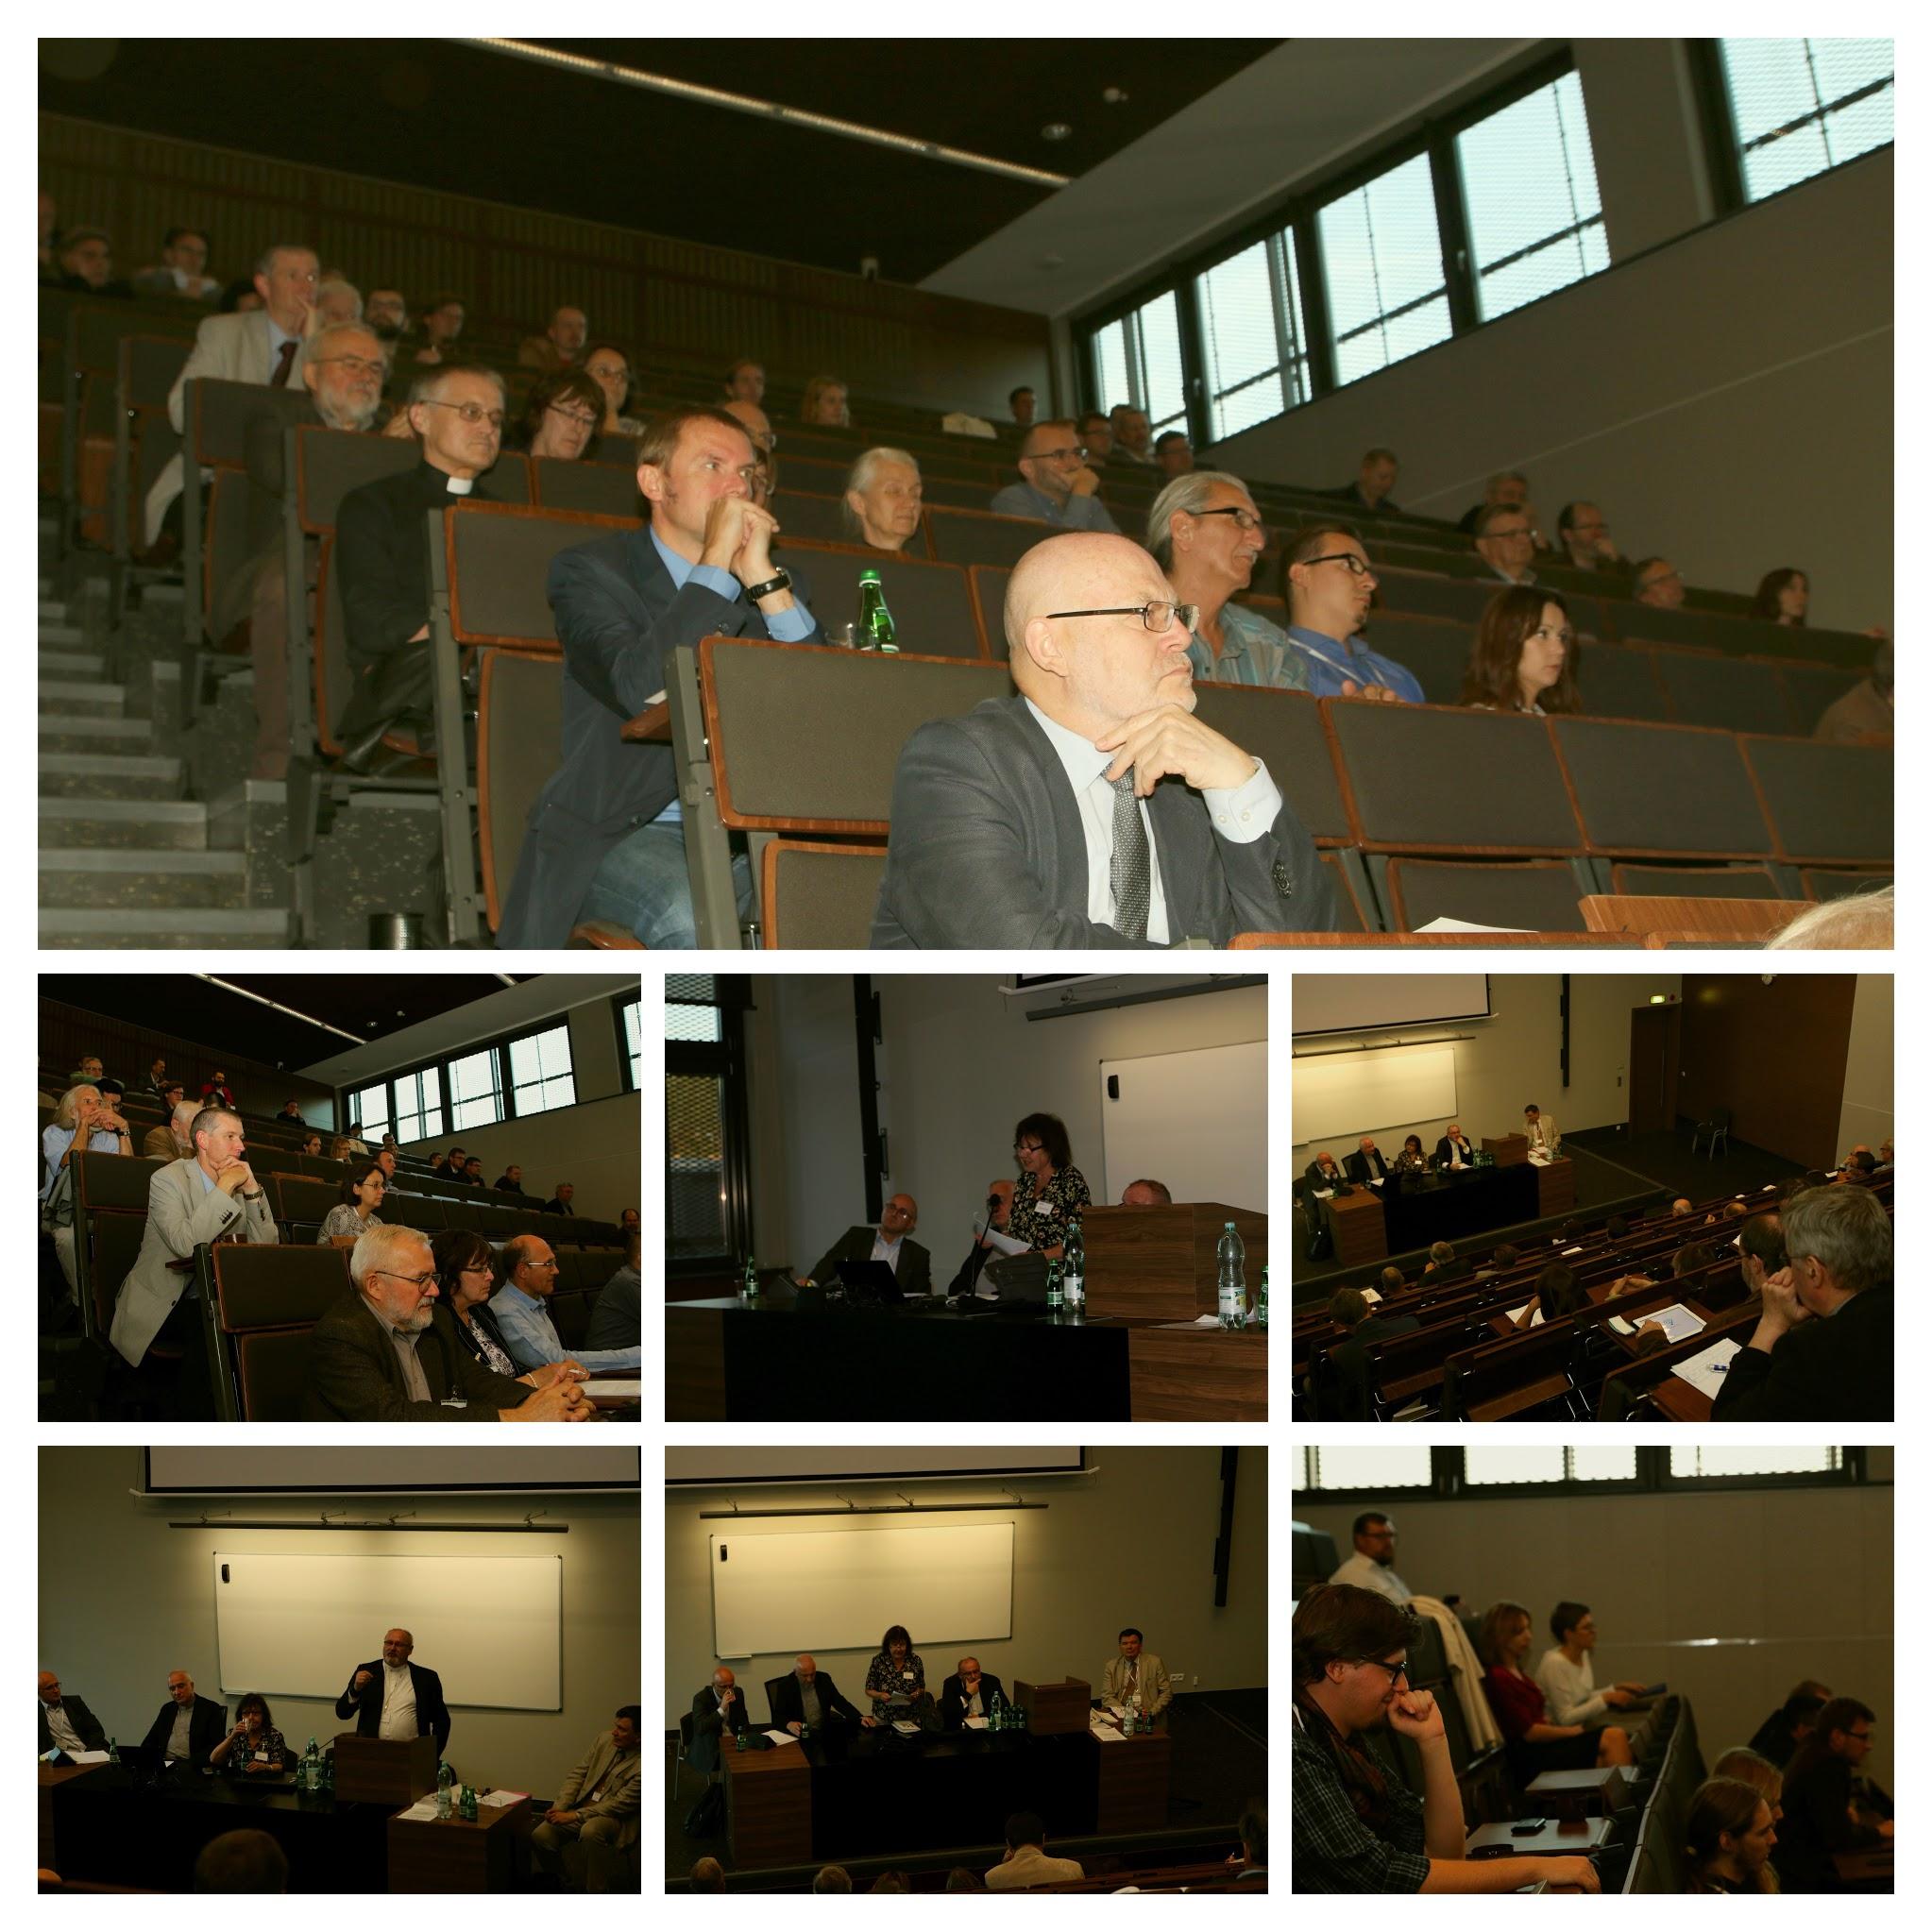 Granice natury - granice nauki. Panel dyskusyjny podczas X Polskiego Zjazdu Filozoficznego